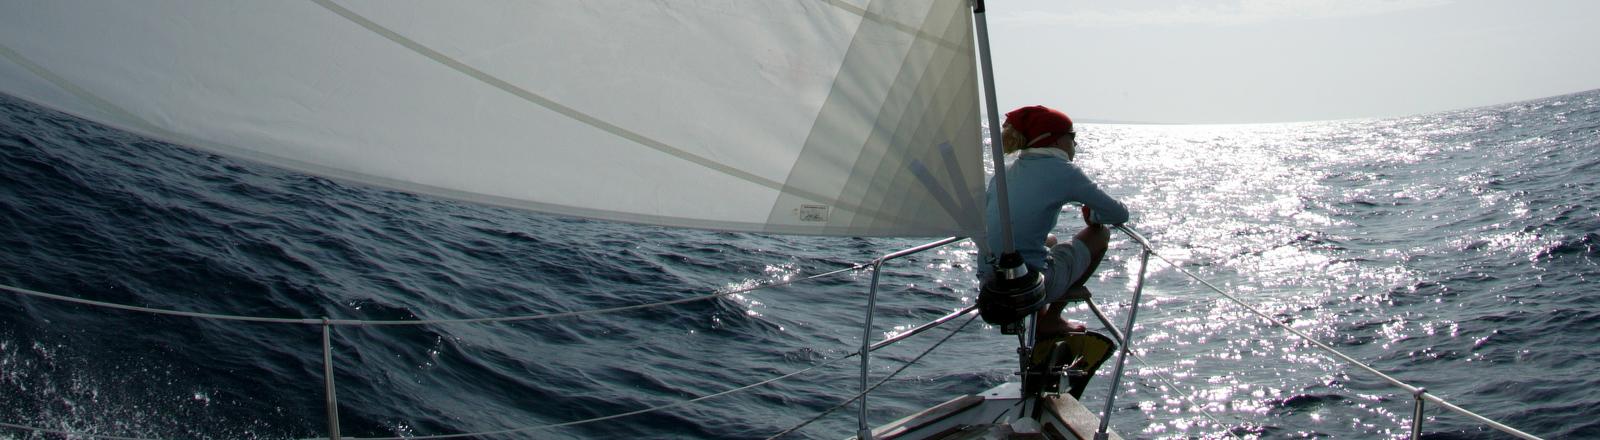 Ein Mann sitzt auf dem Bug eines Segelschiffs und blickt gegen den Horizont.